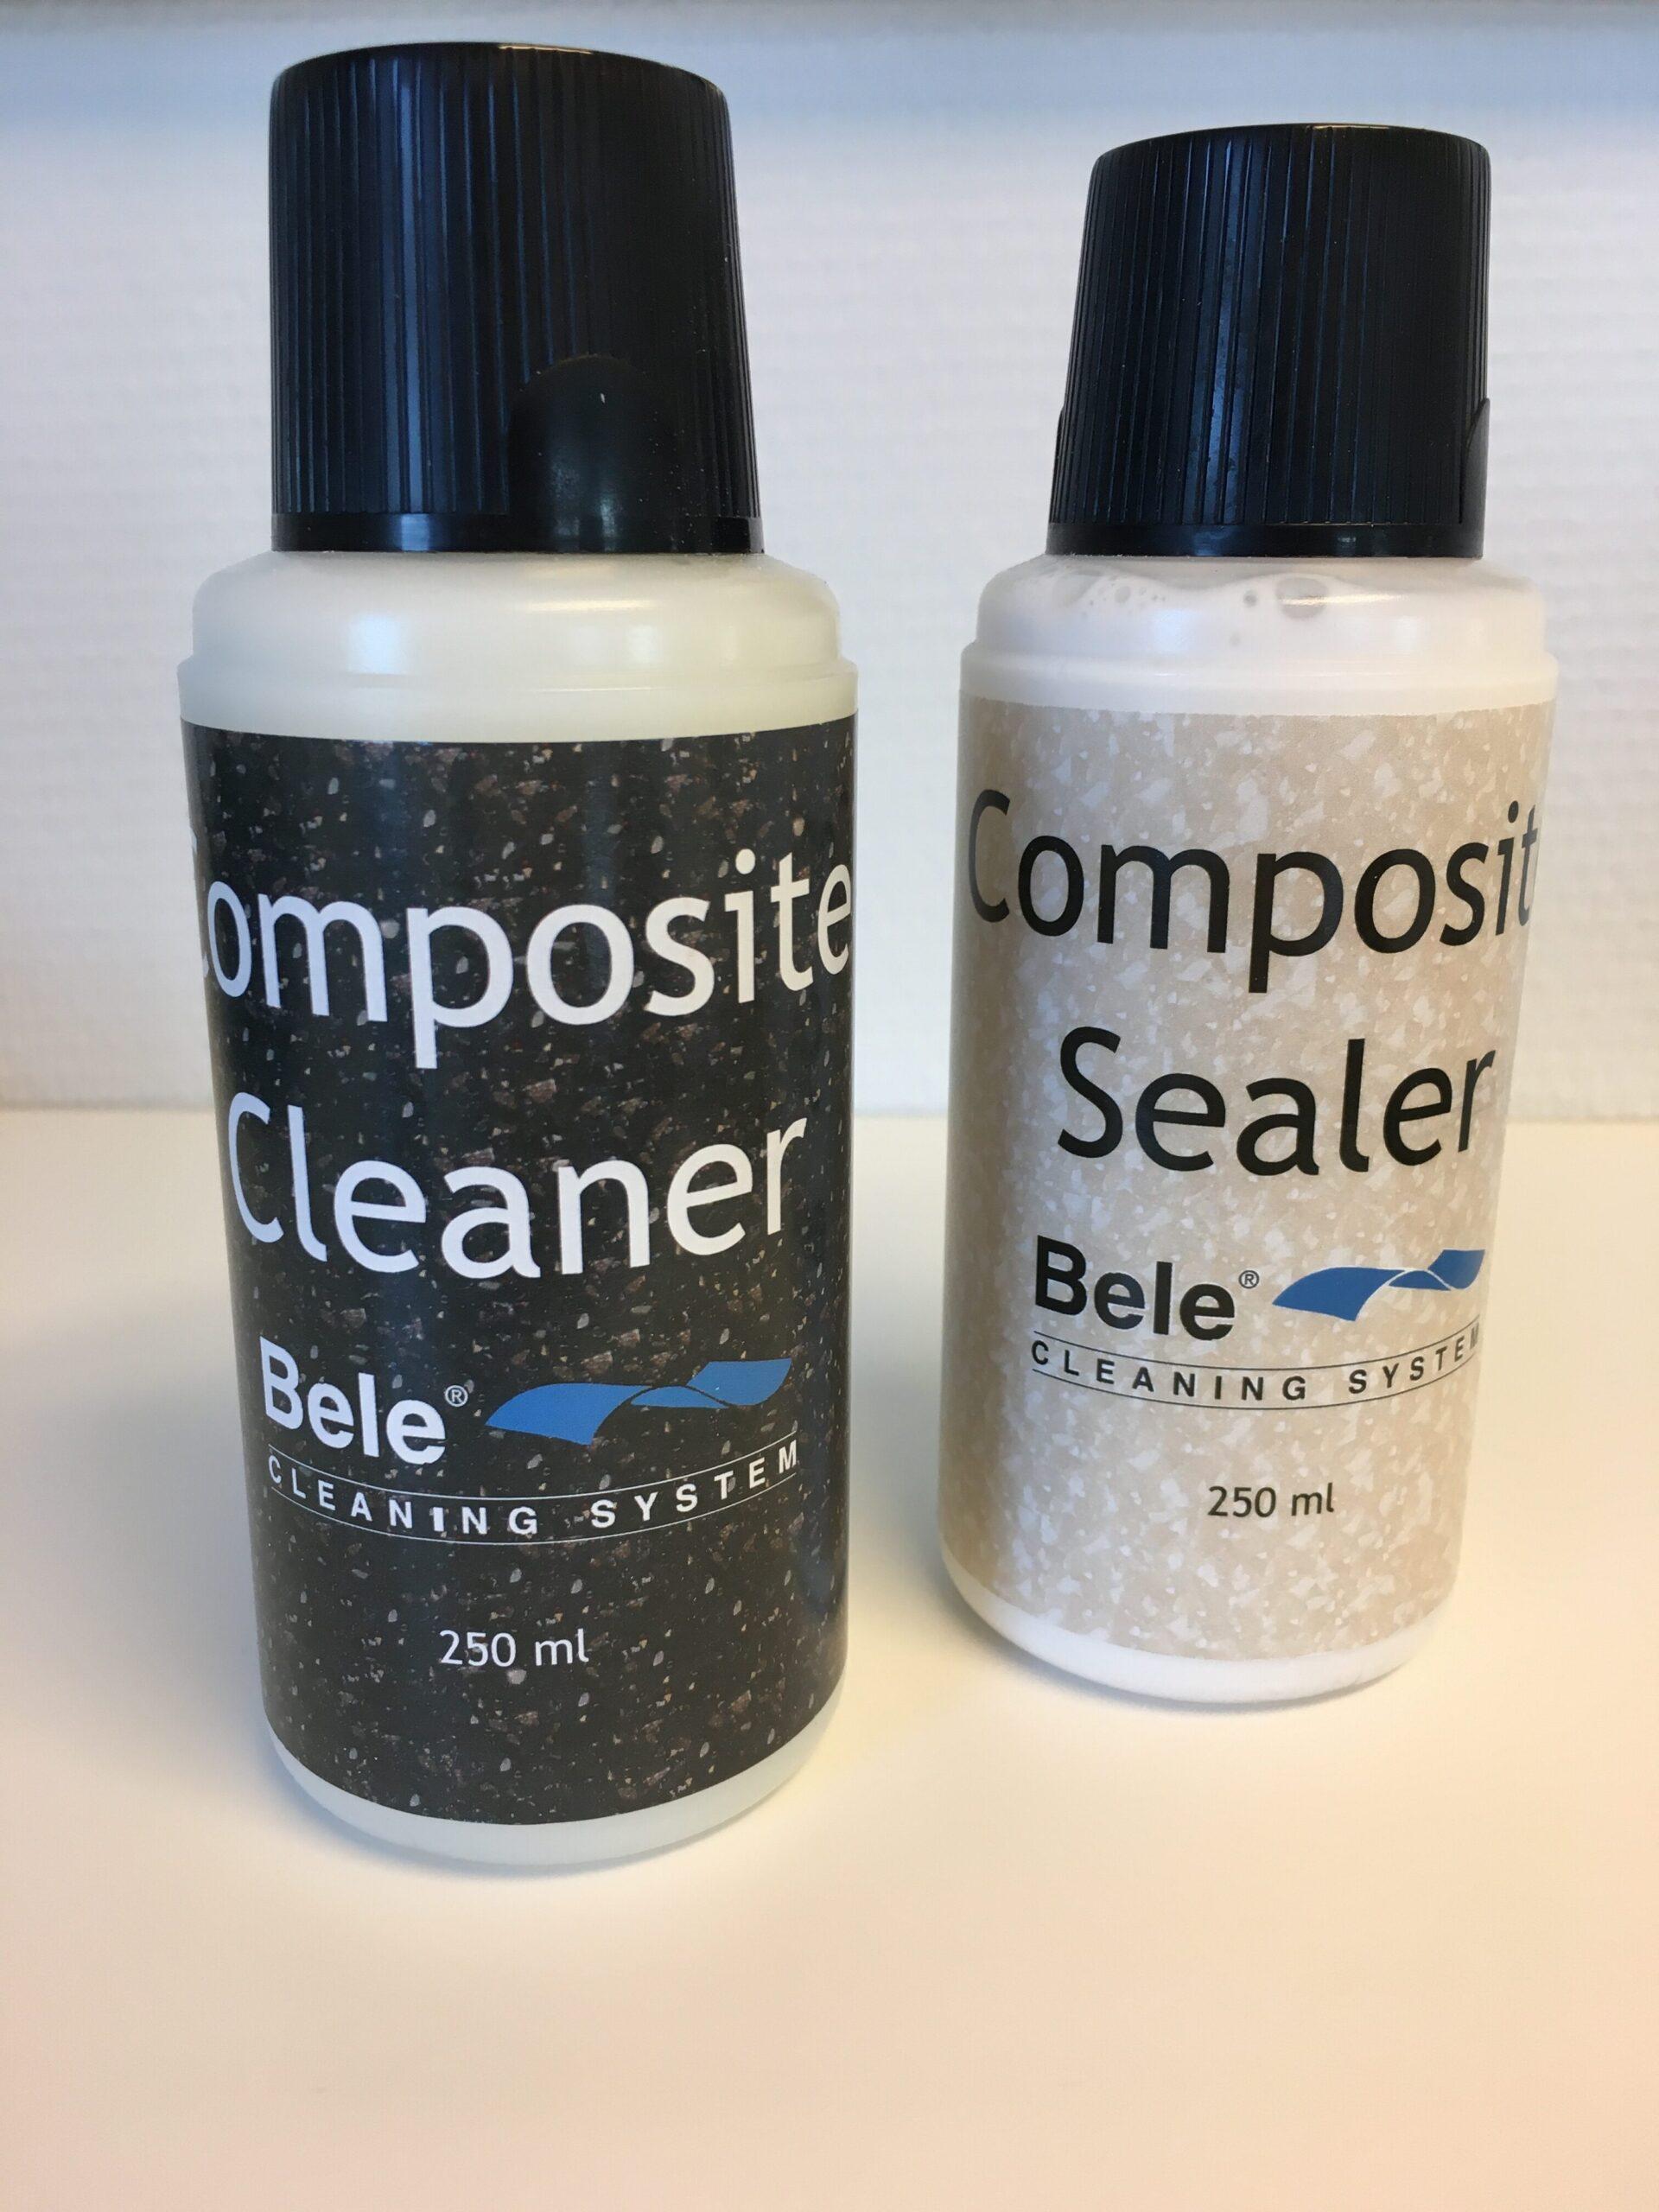 Plejesæt cleaner og sealer